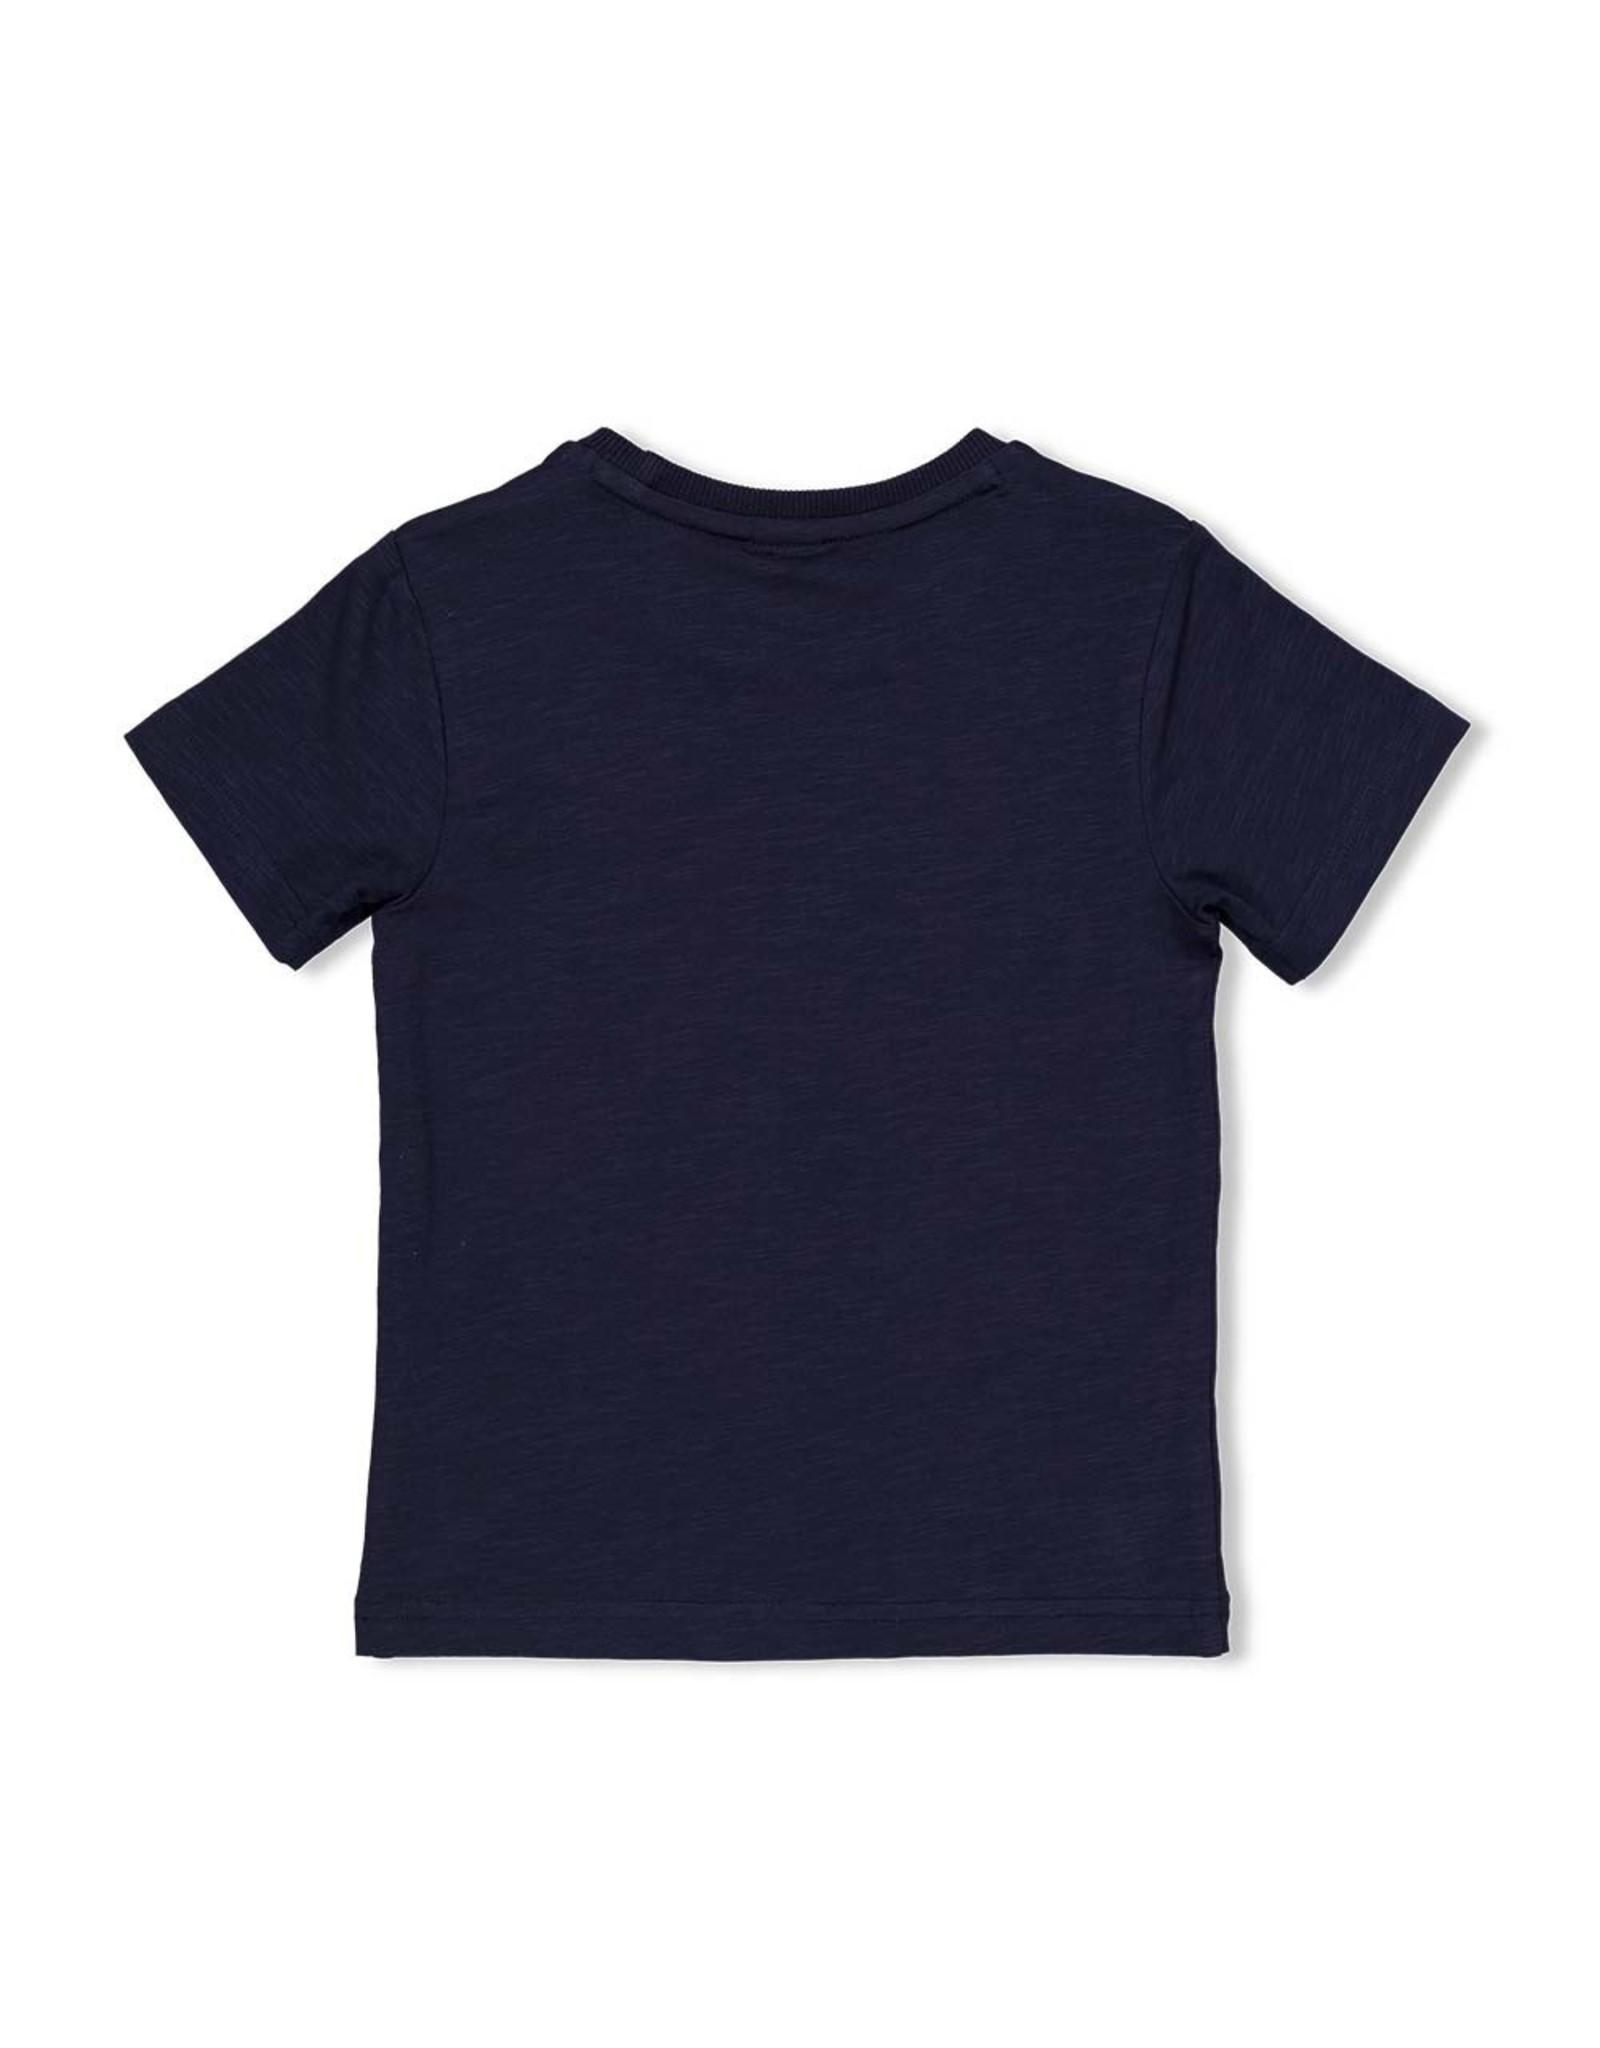 T-shirt Forever navy